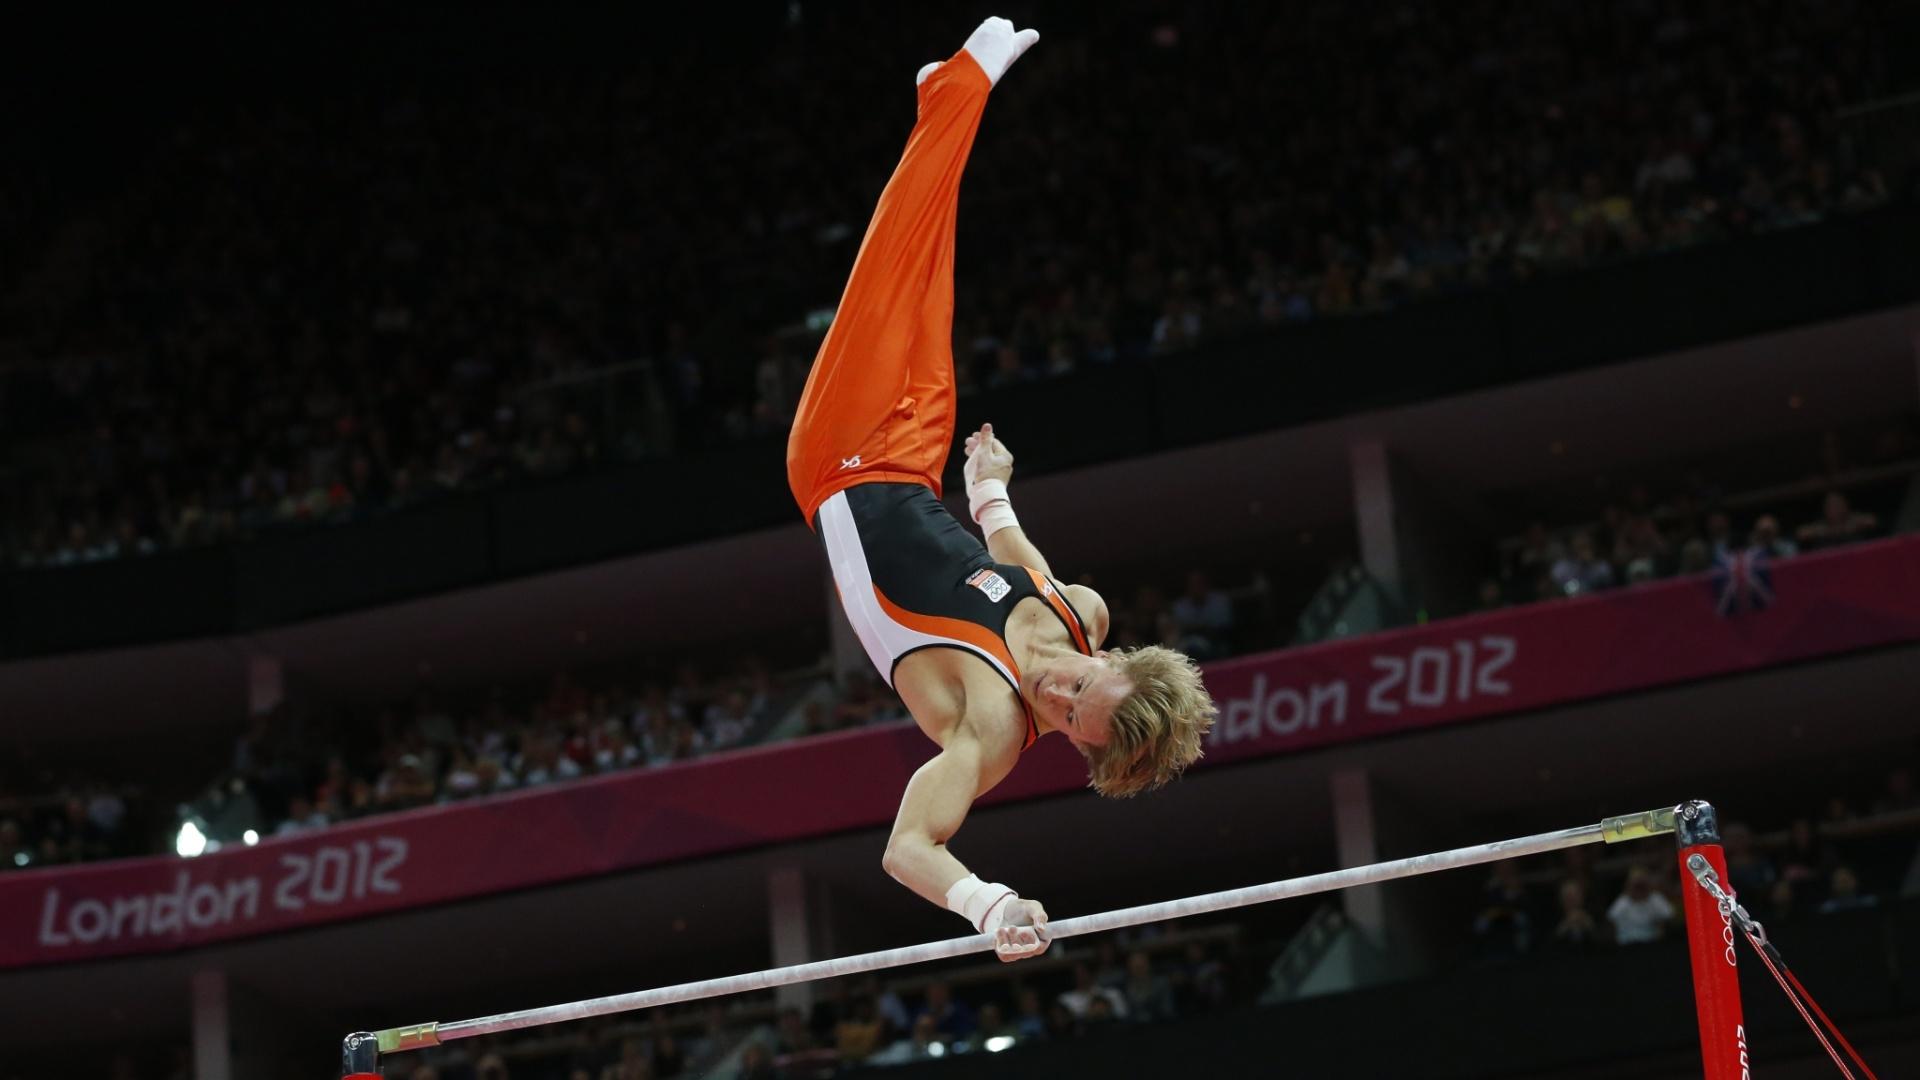 Holandês Epke Zonderland se apresenta na barra fixa; ele confirmou o favoritismo e ficou com a medalha de ouro